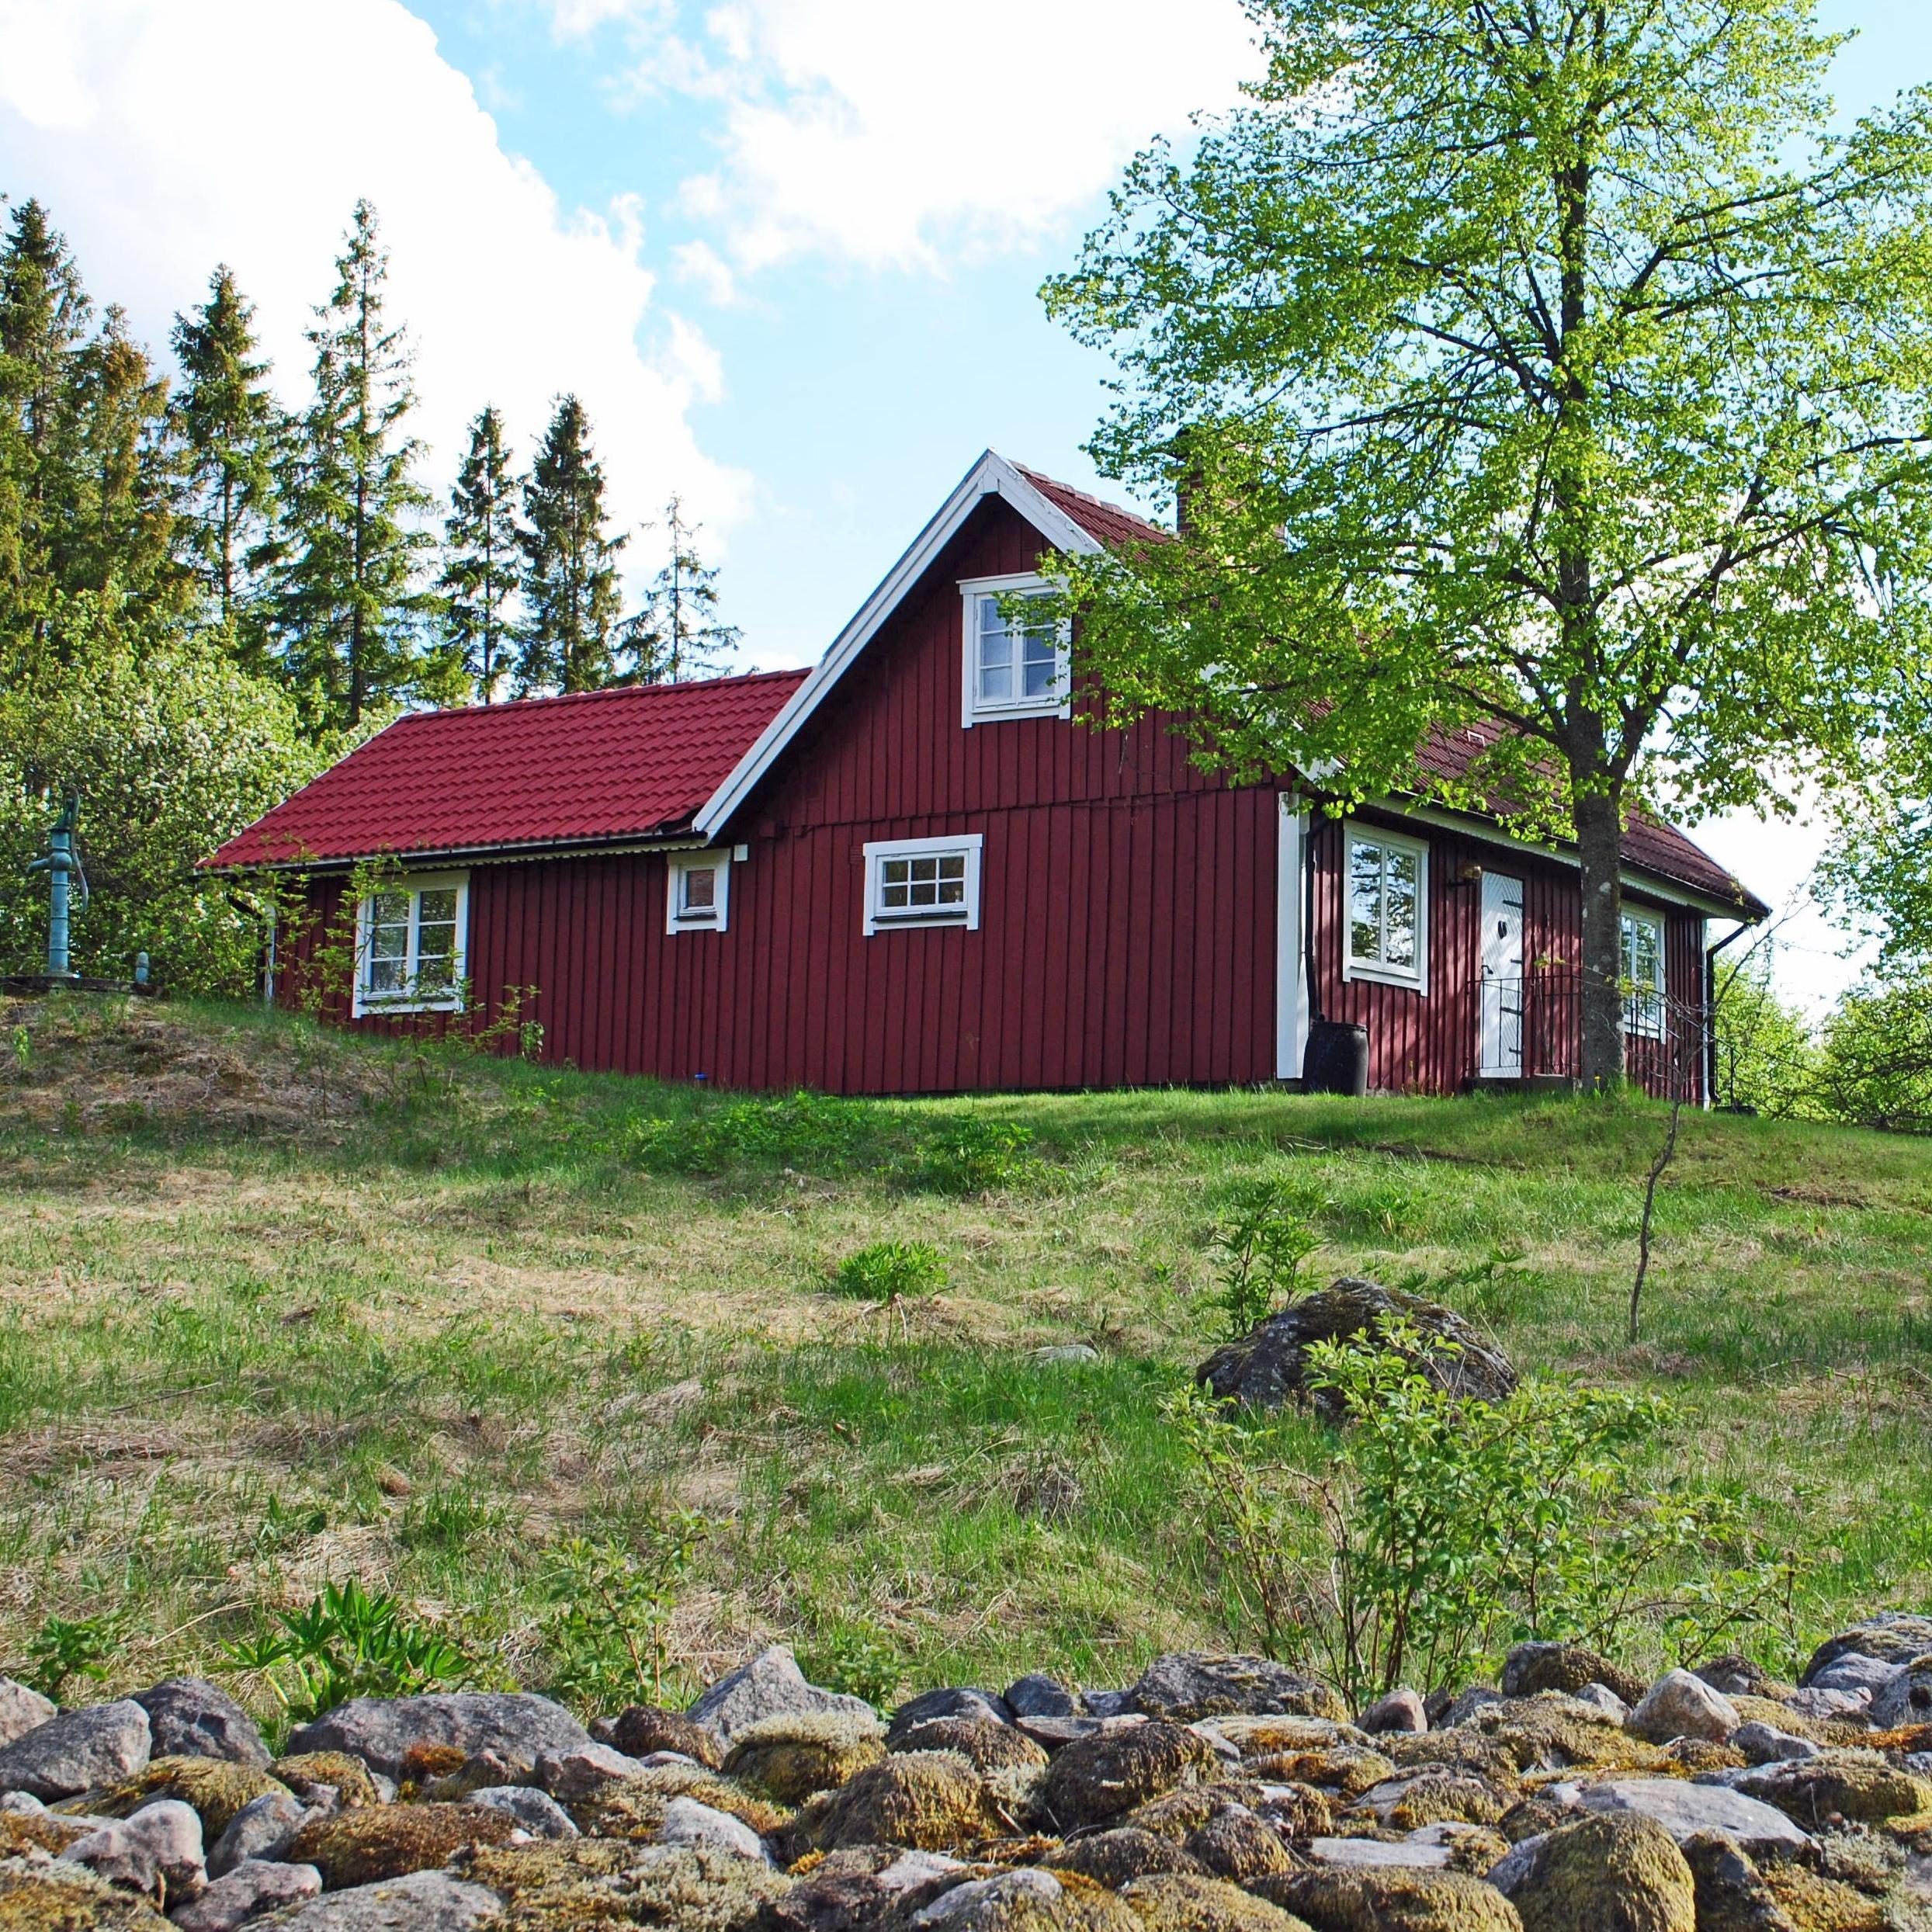 Ferienhaus 05 - Fridhem - Kalvshults gård -  Käja och Roland Haraldsson